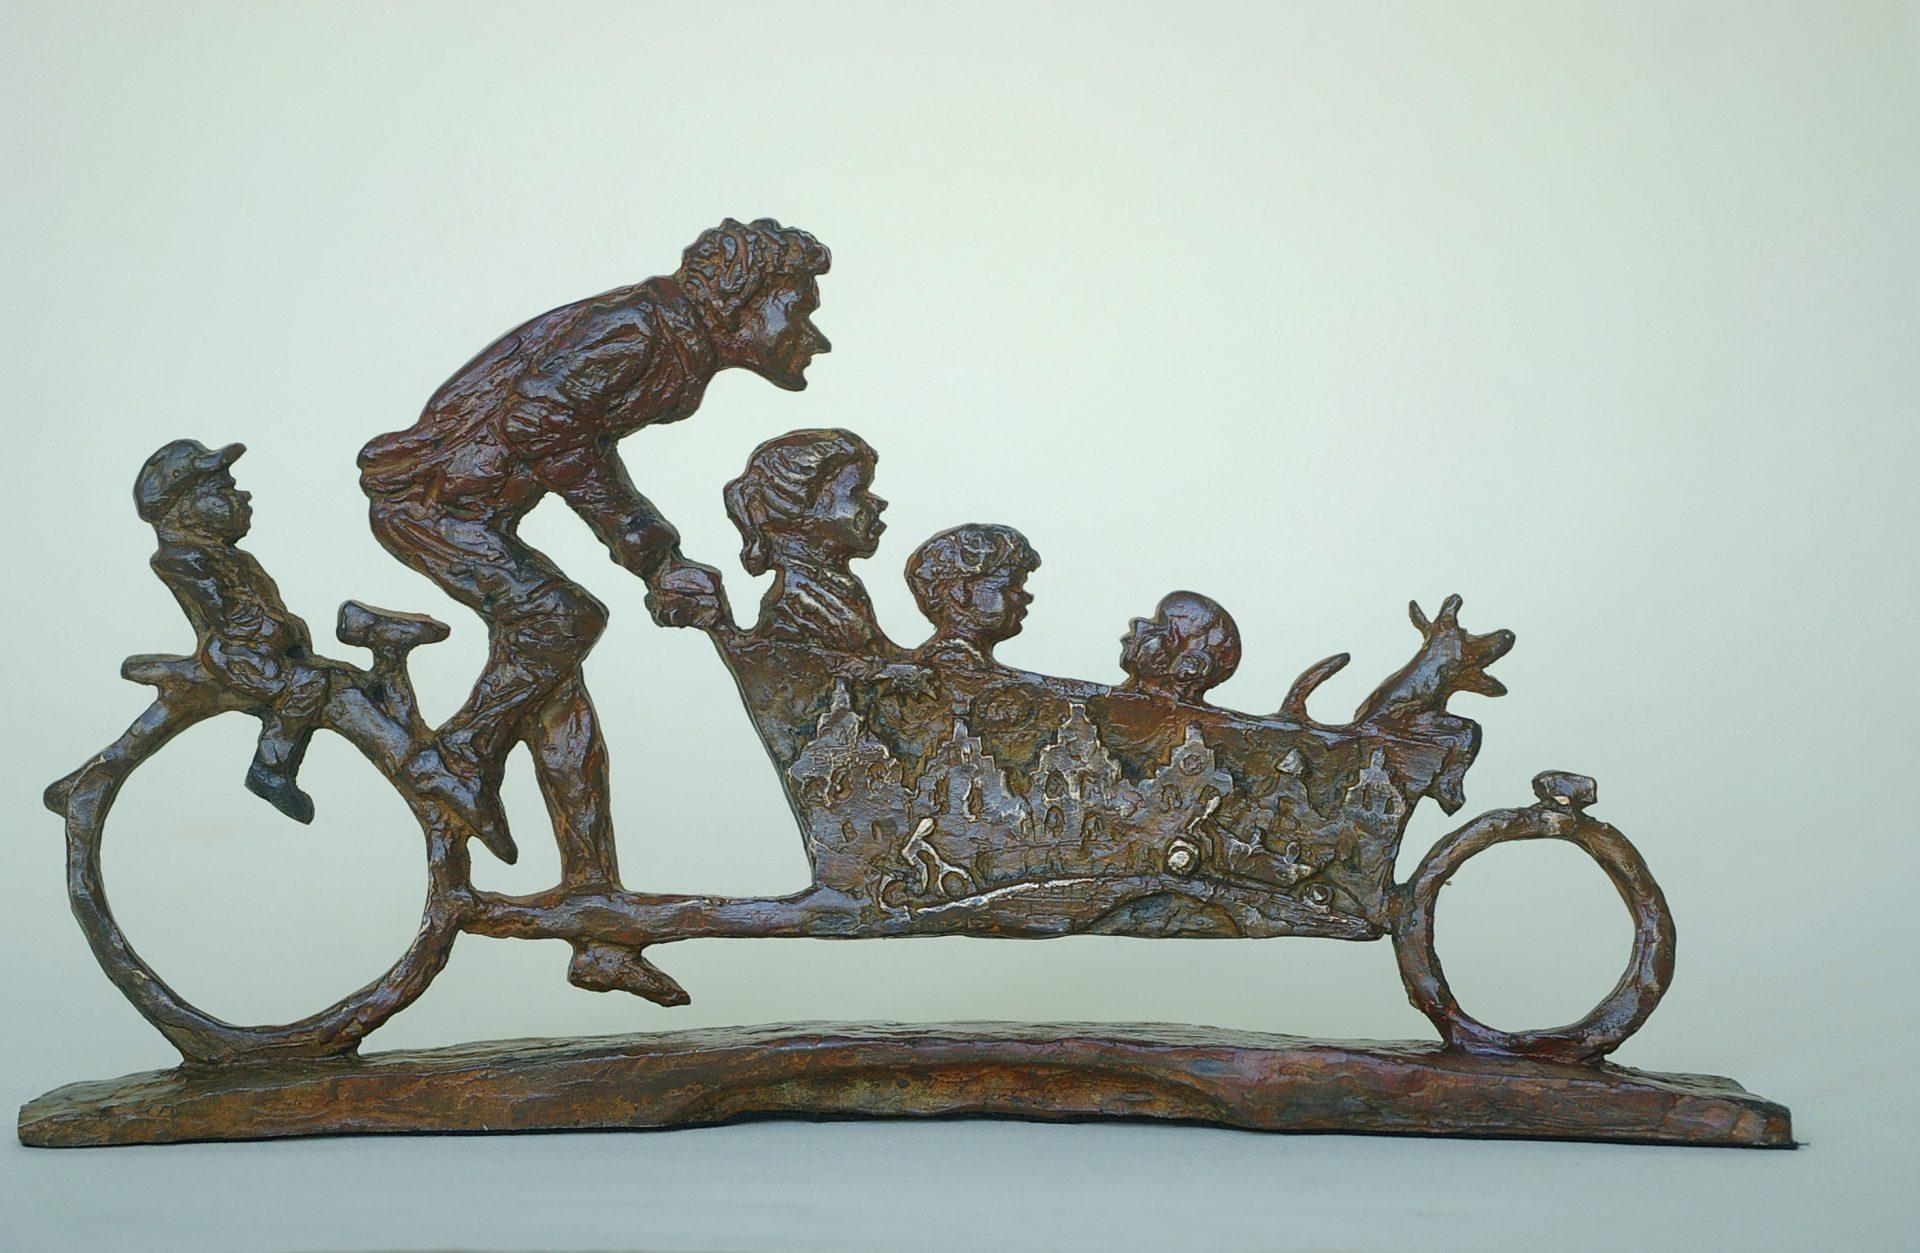 Bronzen beeld van vader met kinderen in bakfiets.geestig, humor, kunst, bons, relatiegeschenk